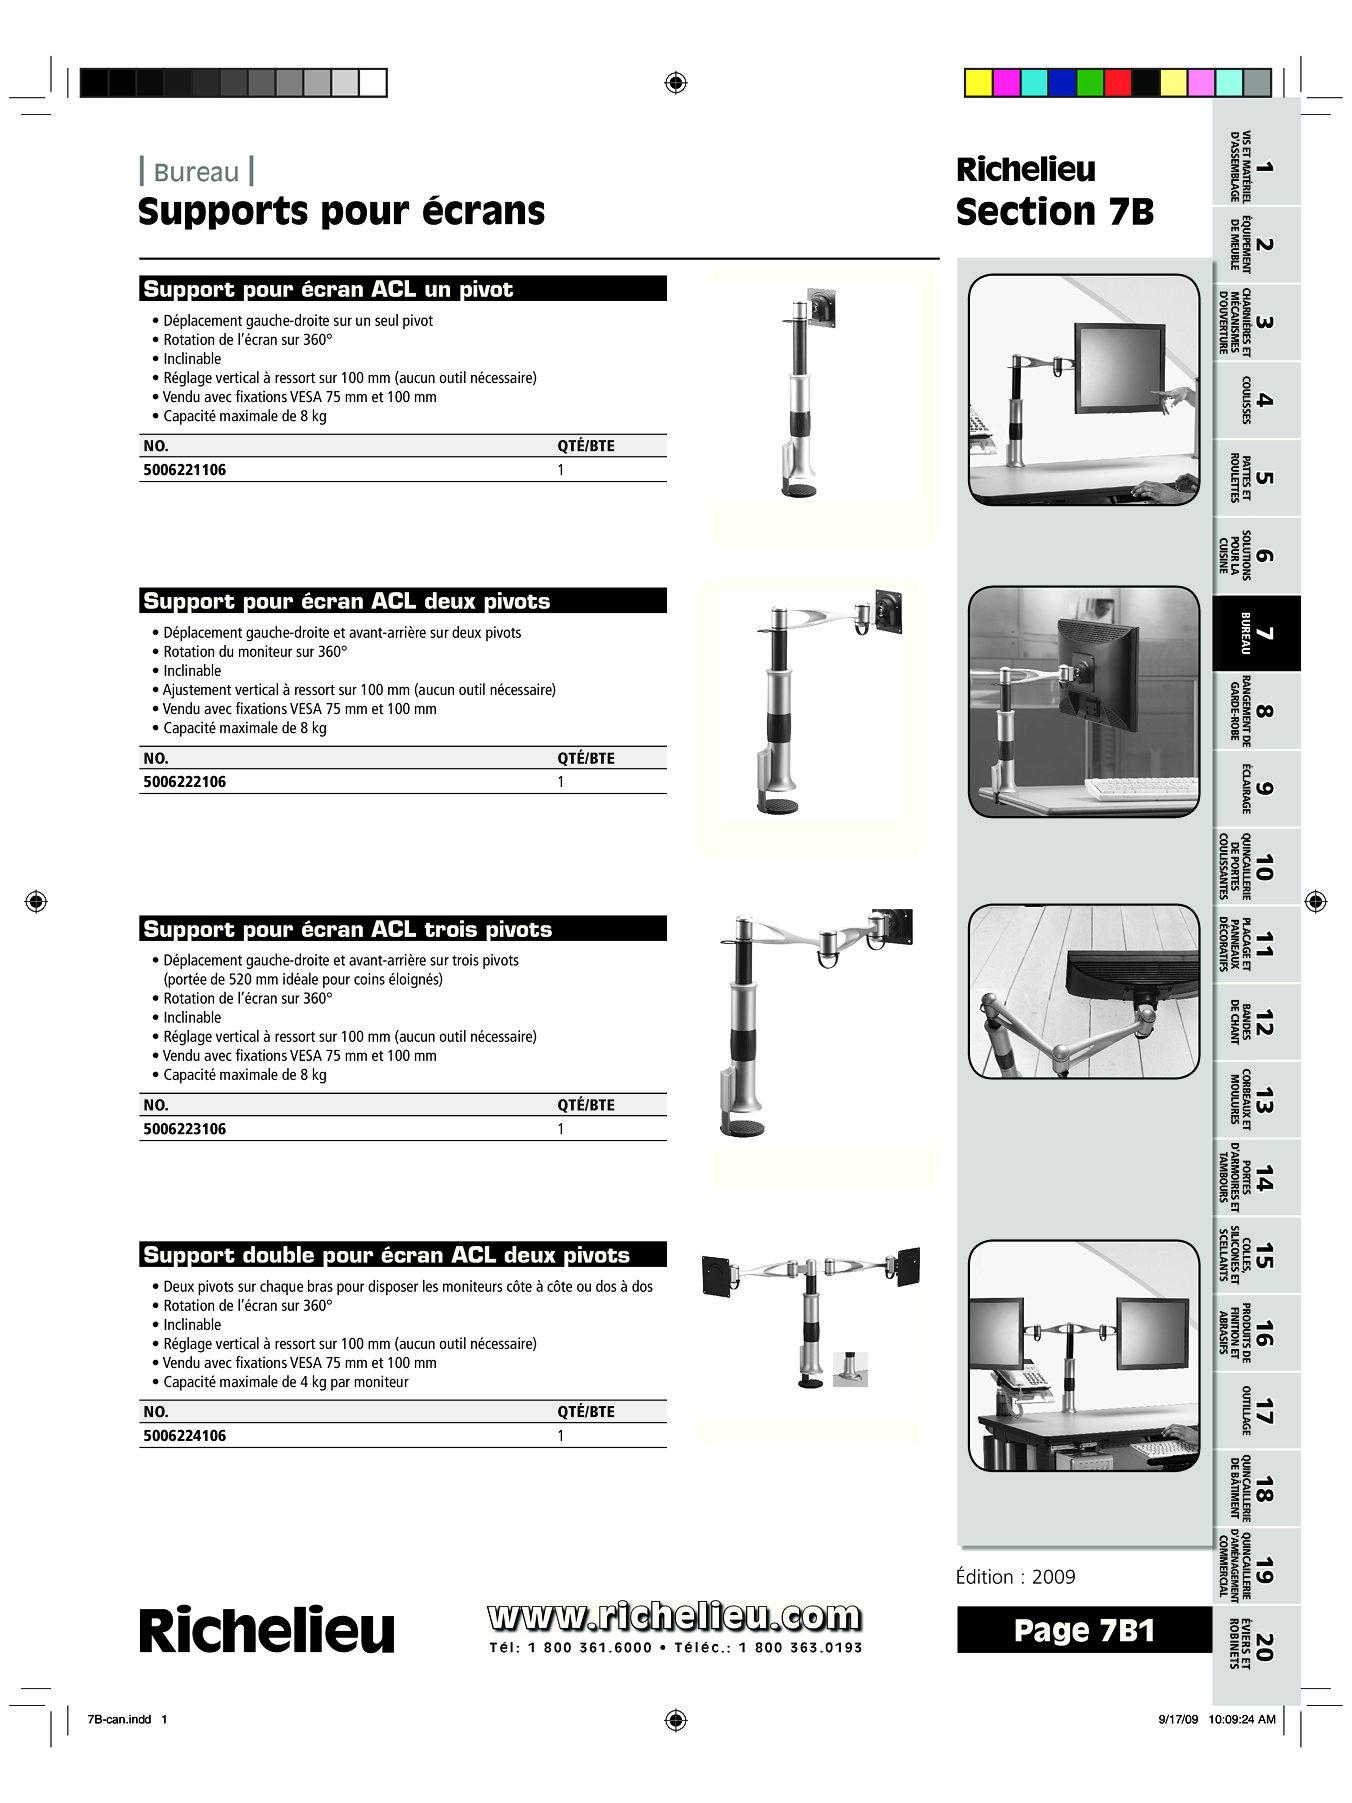 librairie des catalogues richelieu supports pour crans page 1 quincaillerie richelieu. Black Bedroom Furniture Sets. Home Design Ideas